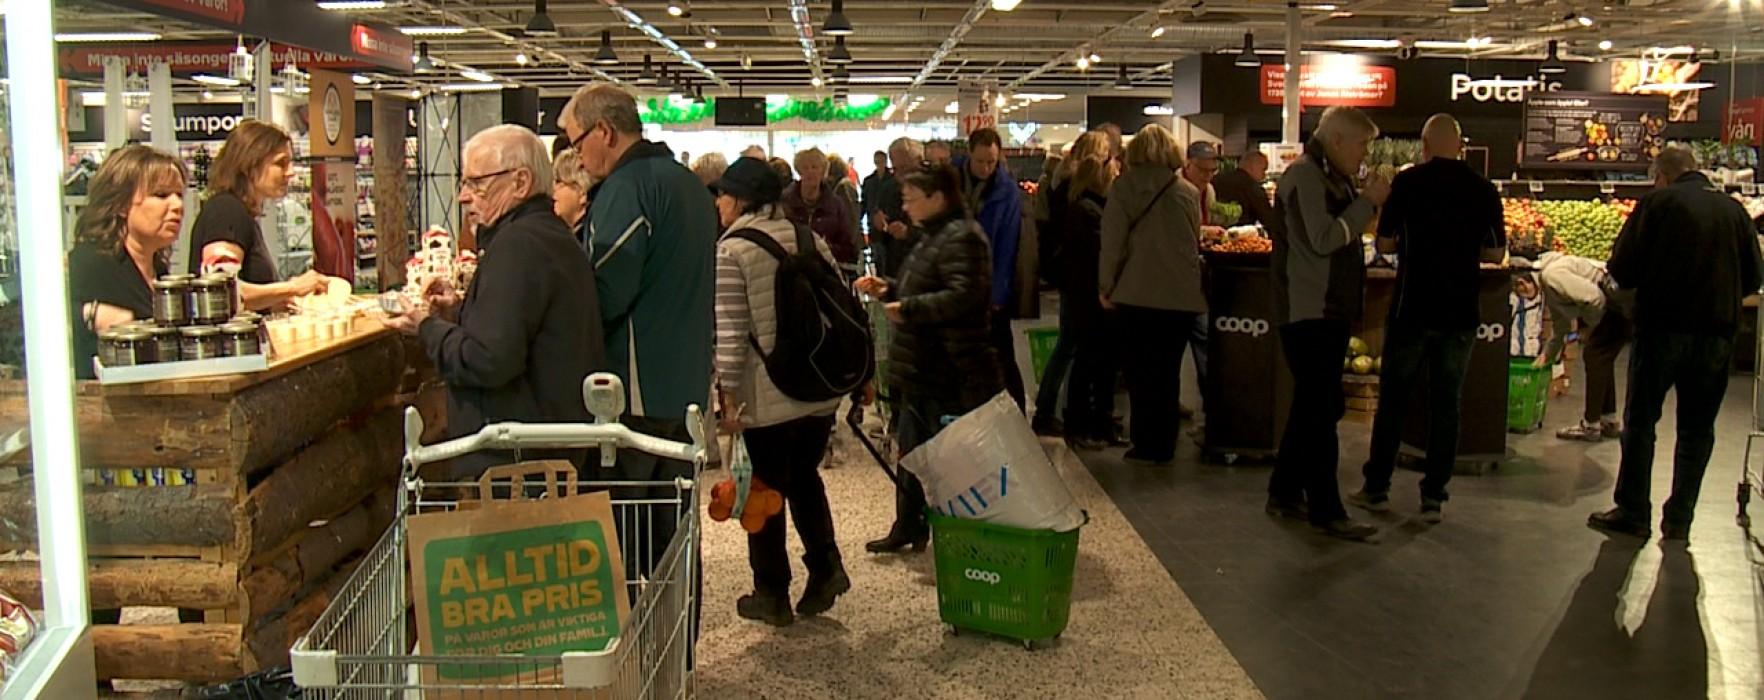 Nyinvigning av Bergvik köpcenter